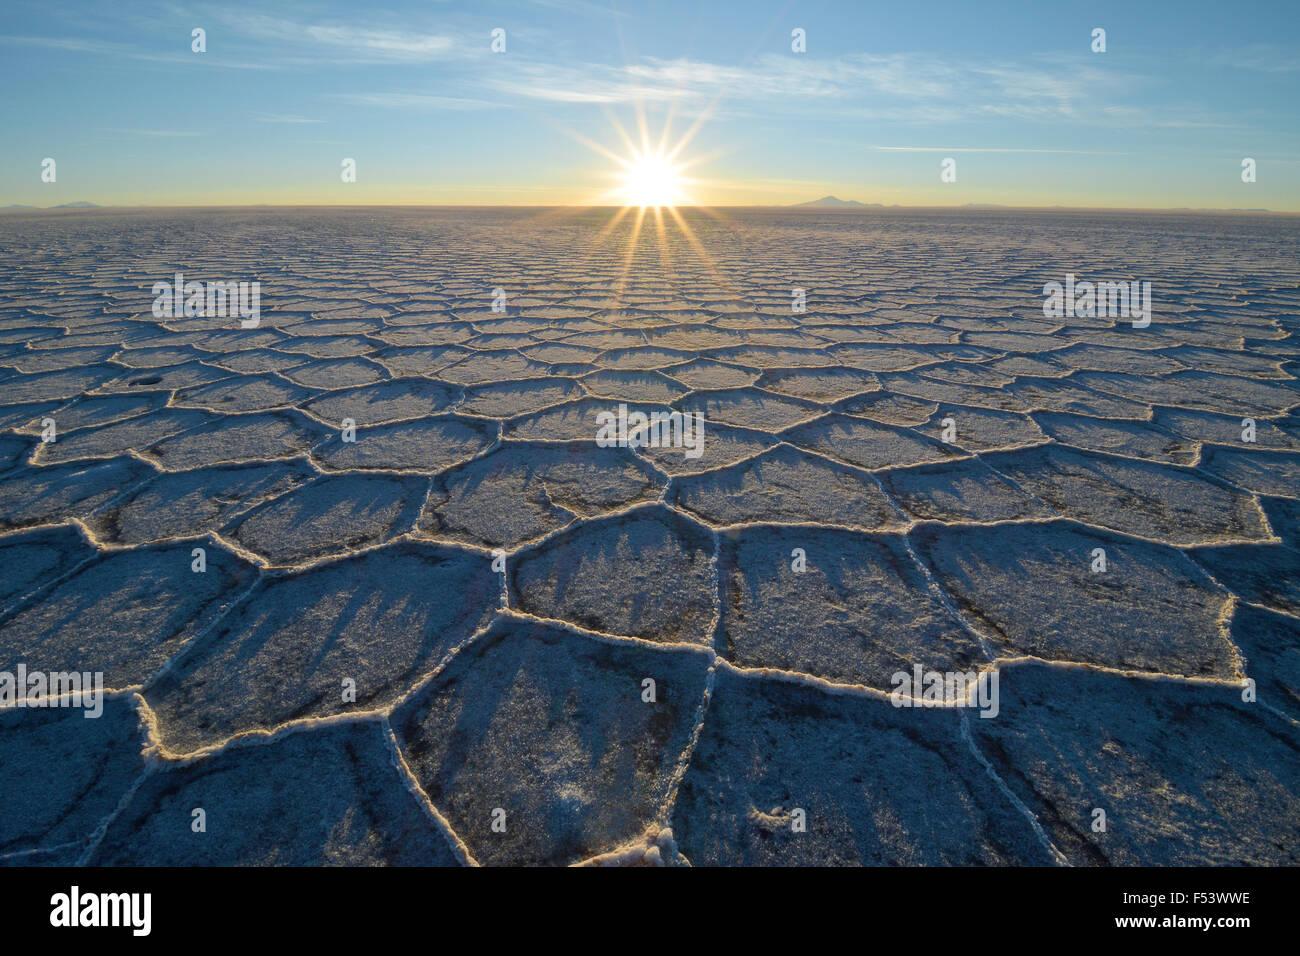 La structure en nid d'abeille avec des ombres sur un lac salé au lever du soleil, plus grands gisements Photo Stock